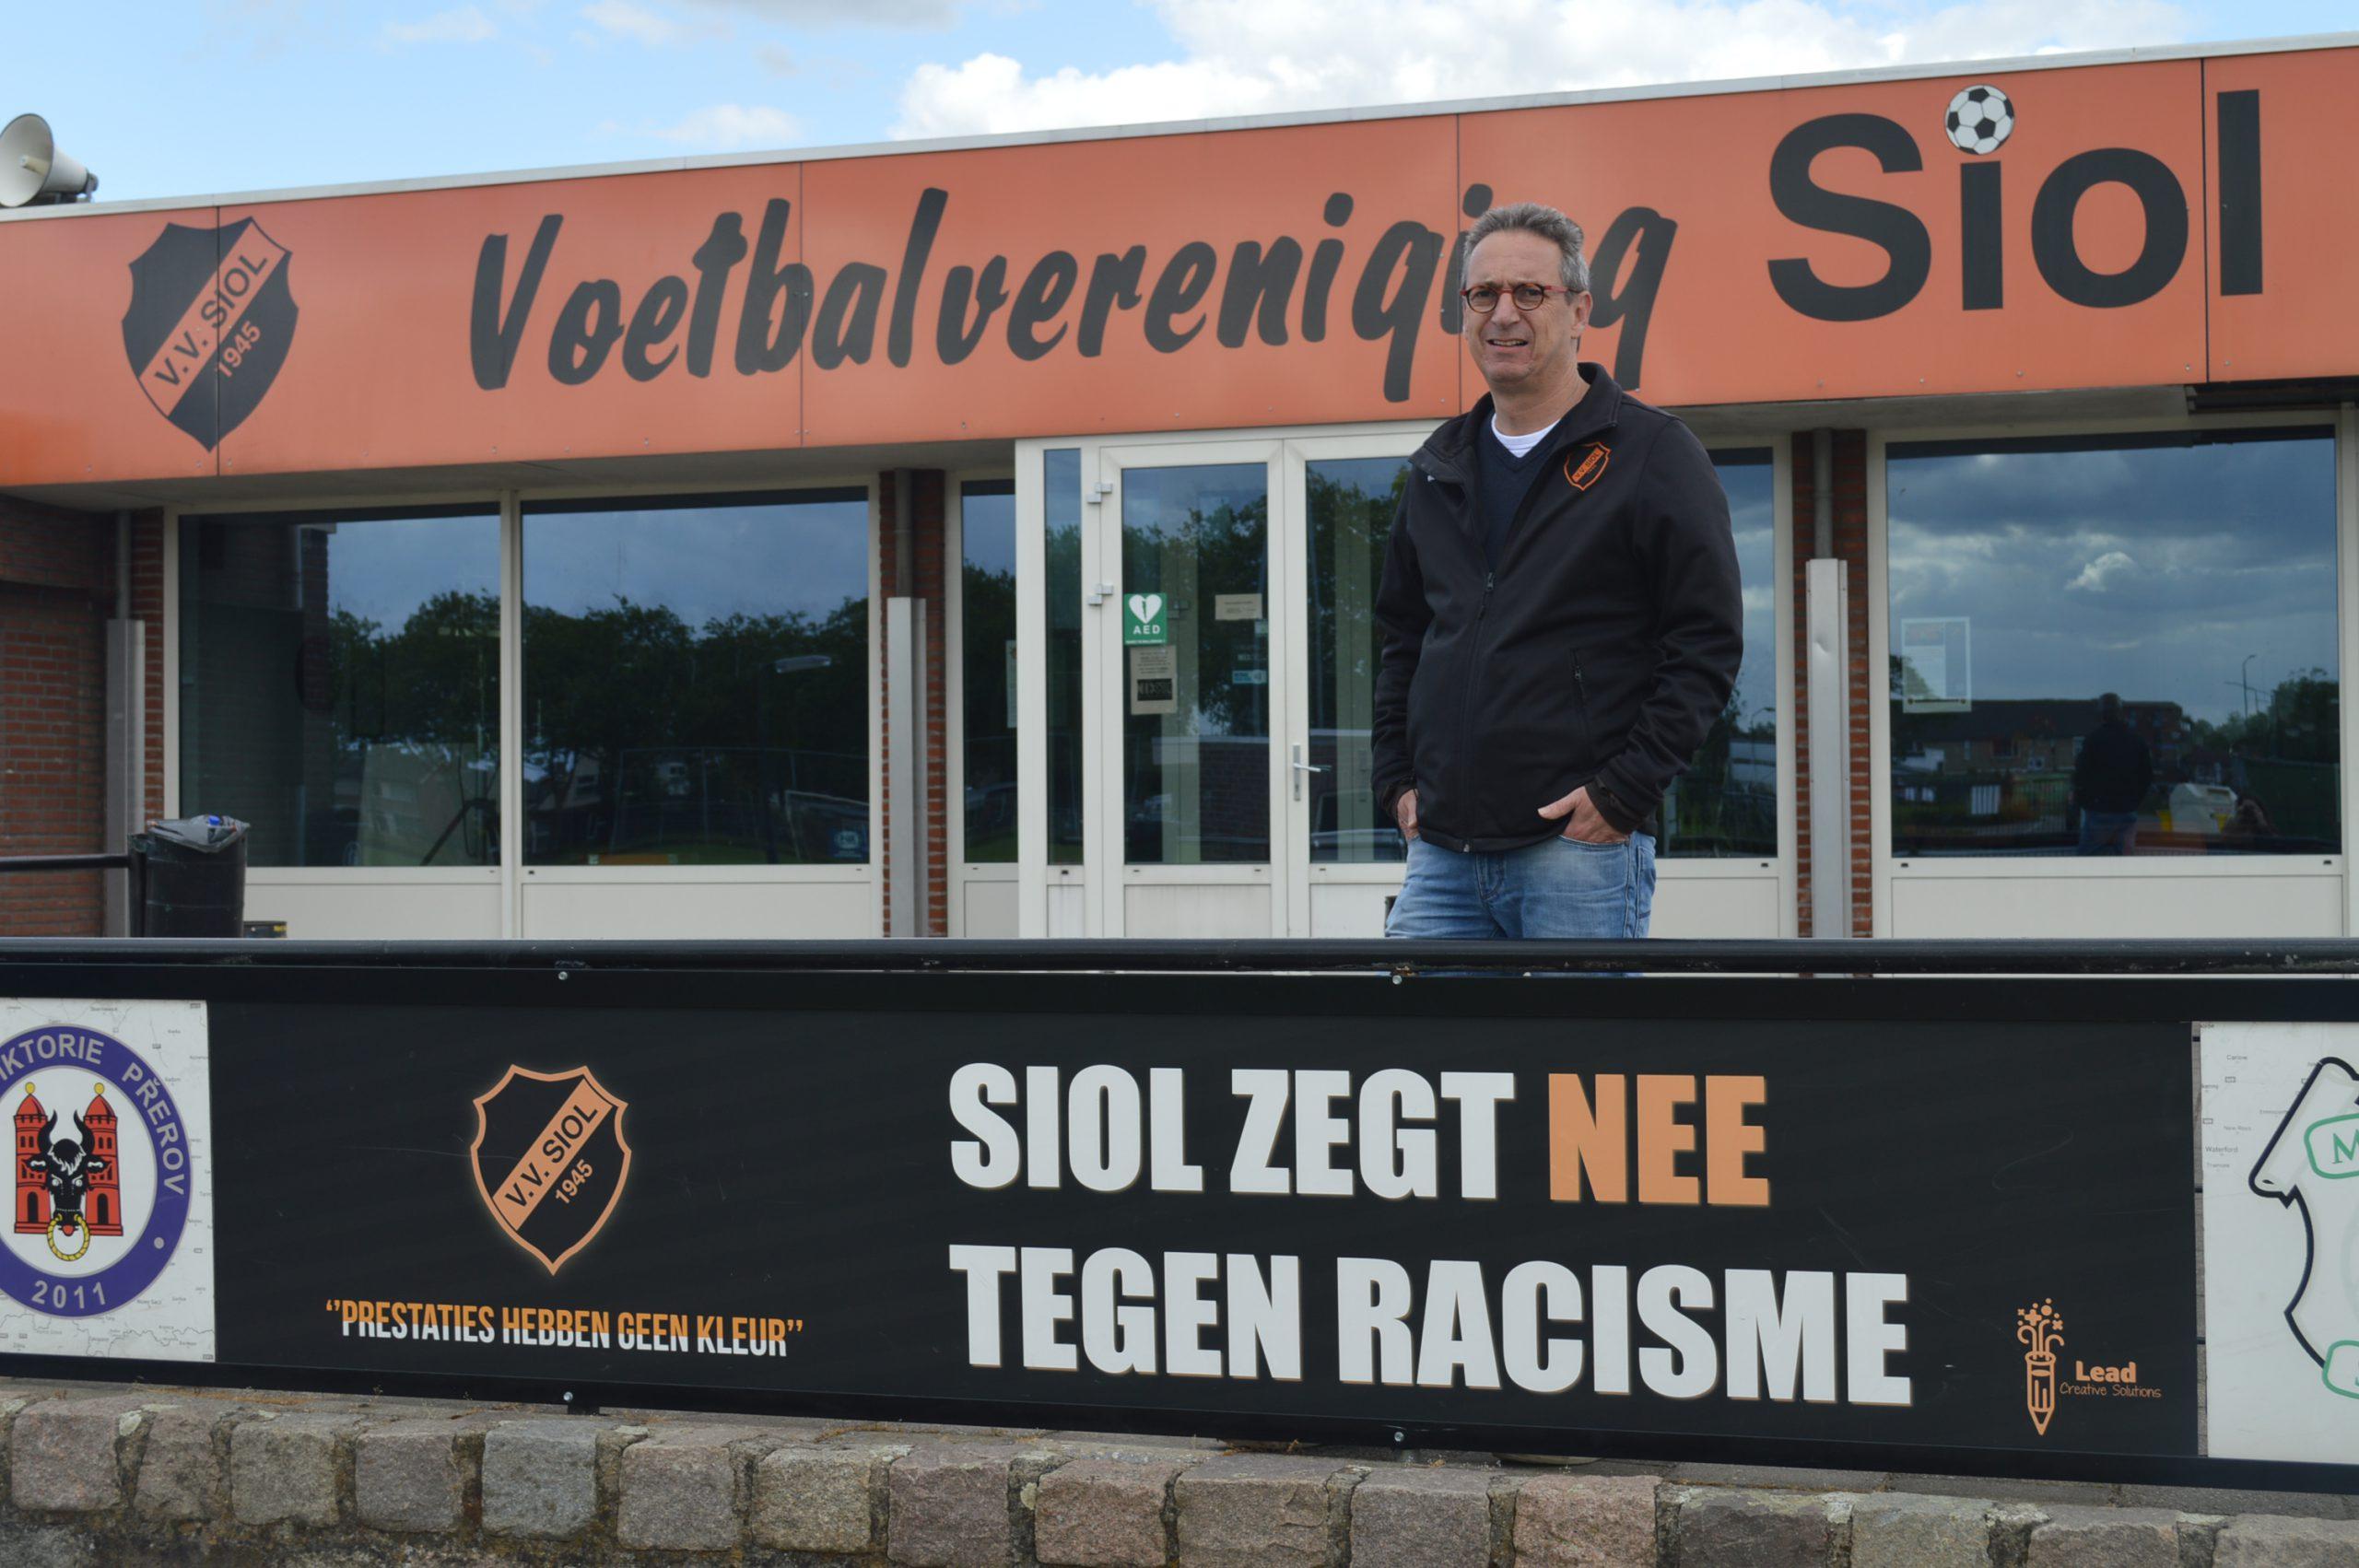 Cuijkse voetbalclub SIOL kijkt niet meer weg van racisme